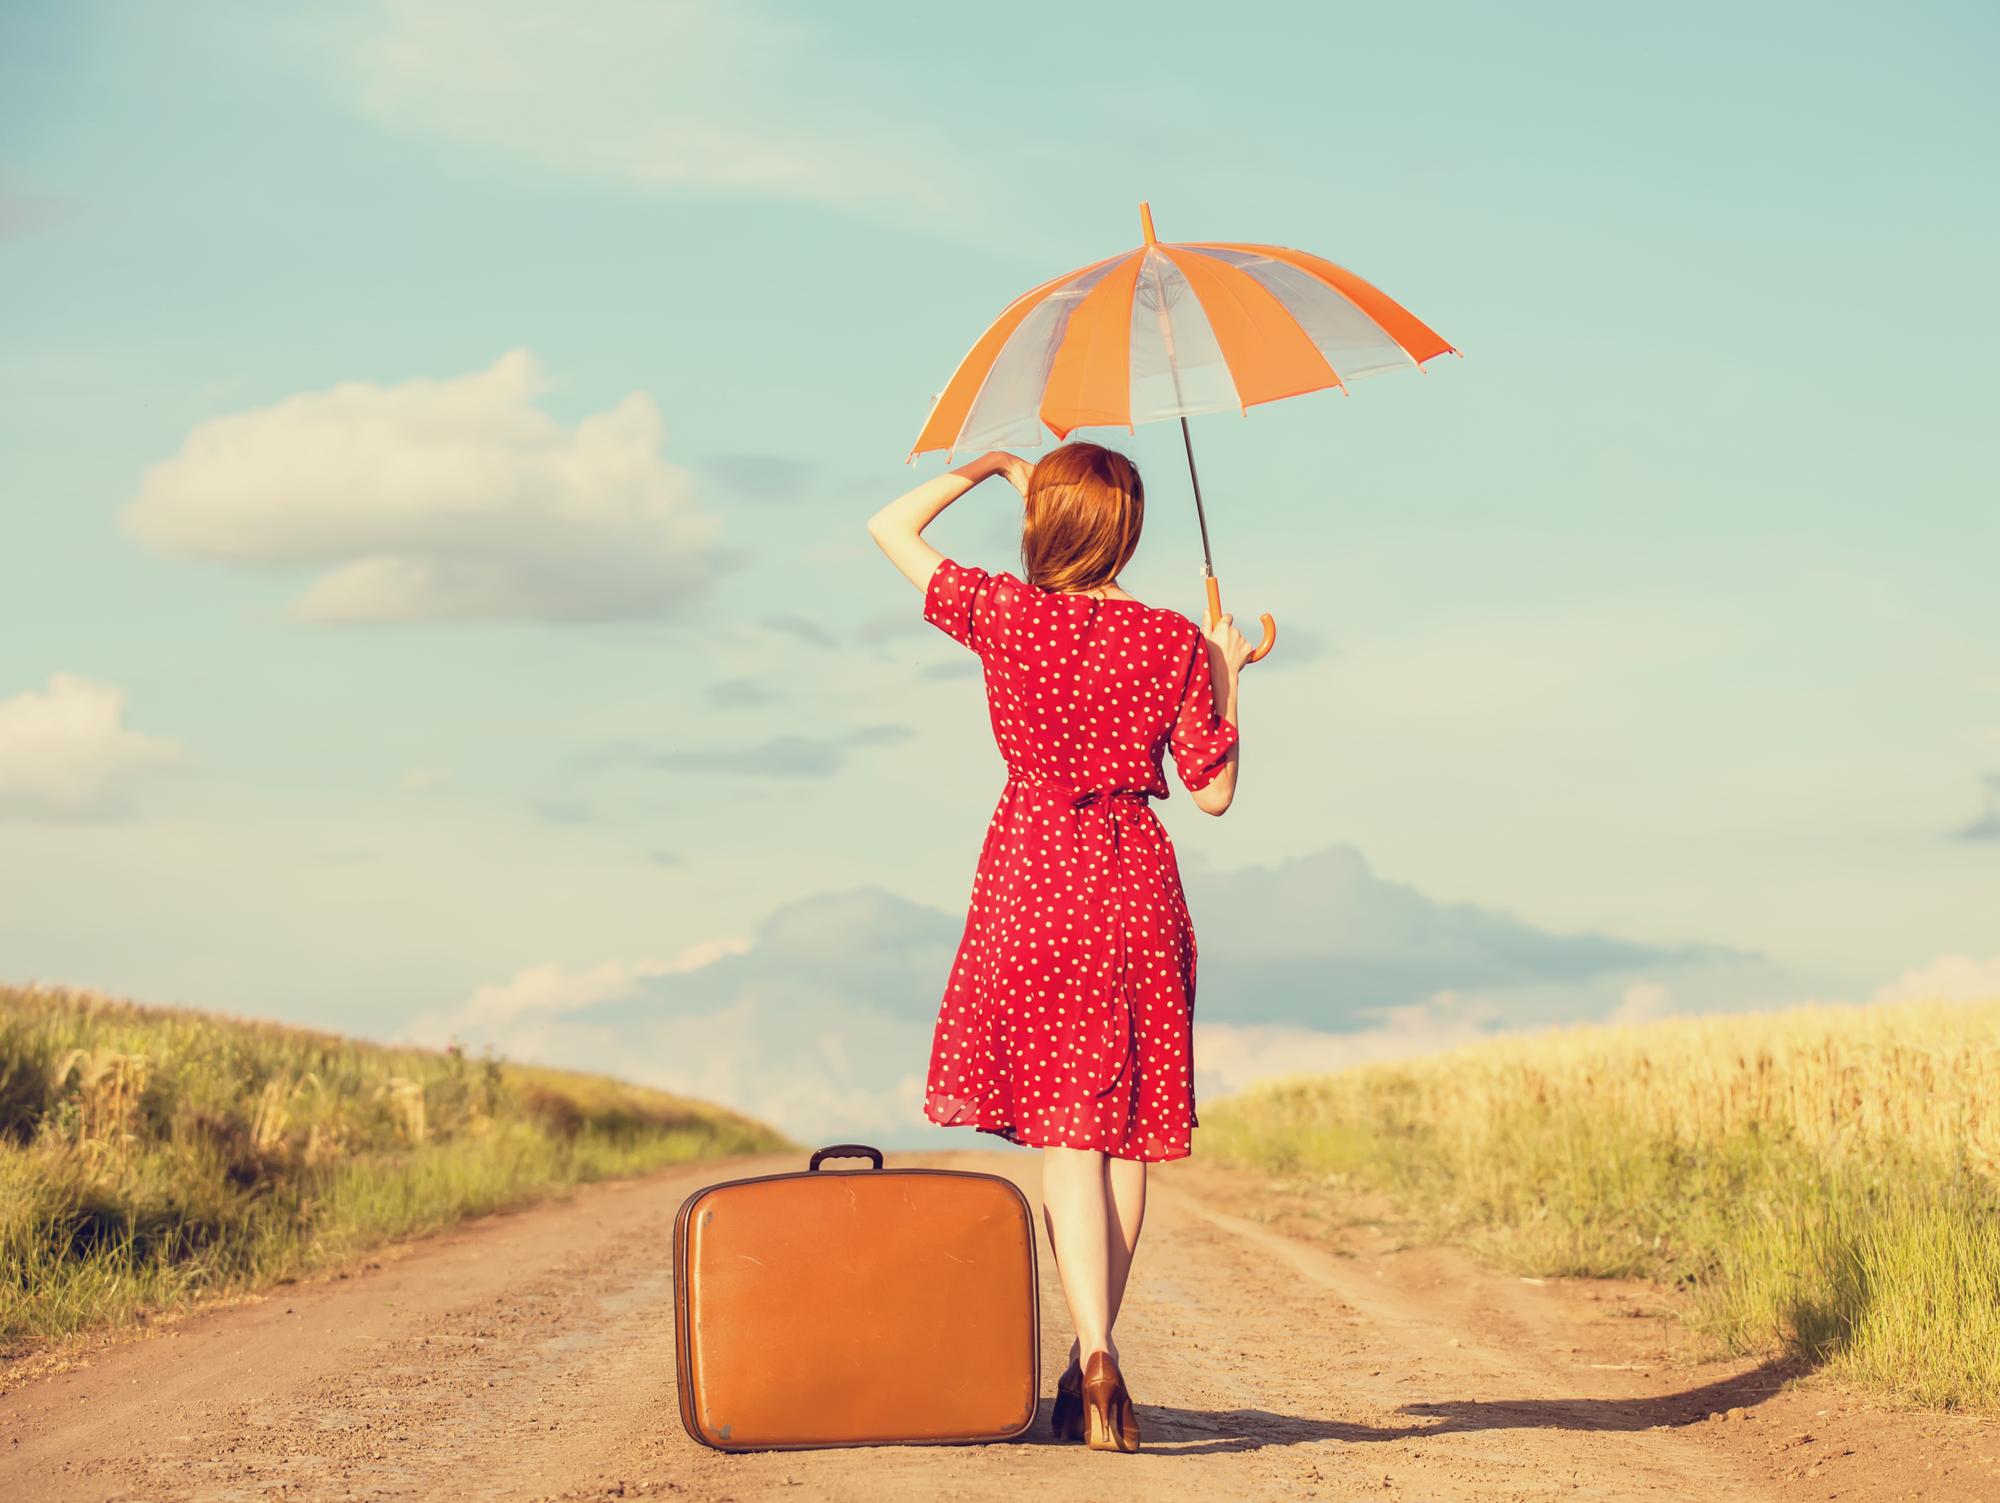 Retreat e viaggi ispirazionali: le migliori proposte selezionate per voi